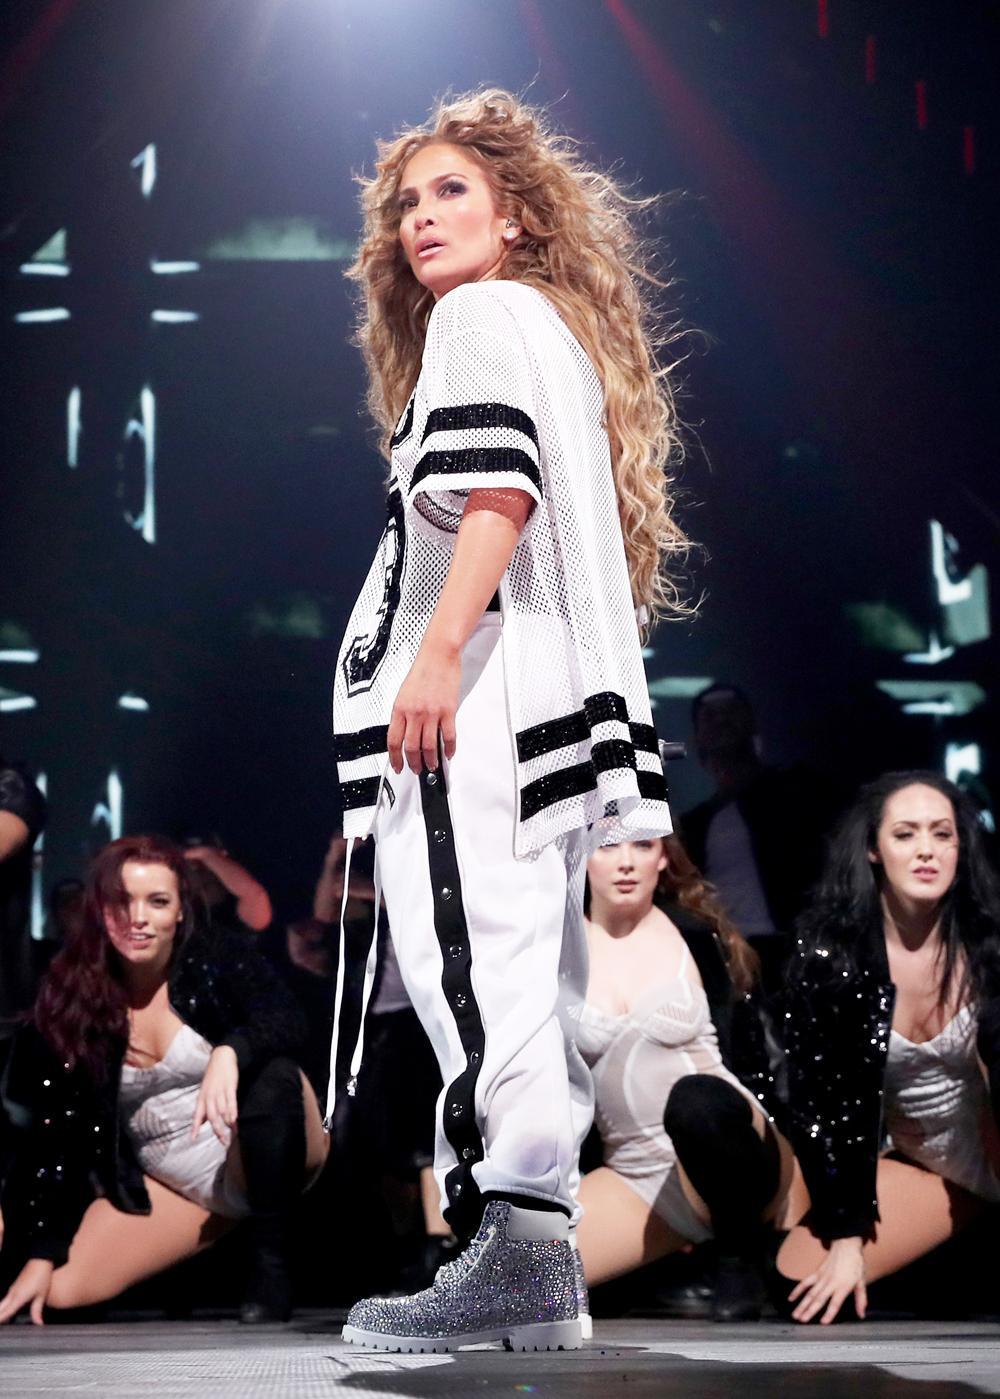 Осторожно, взрывоопасно! Дженнифер Лопес в откровенных нарядах на шоу в Миннесоте